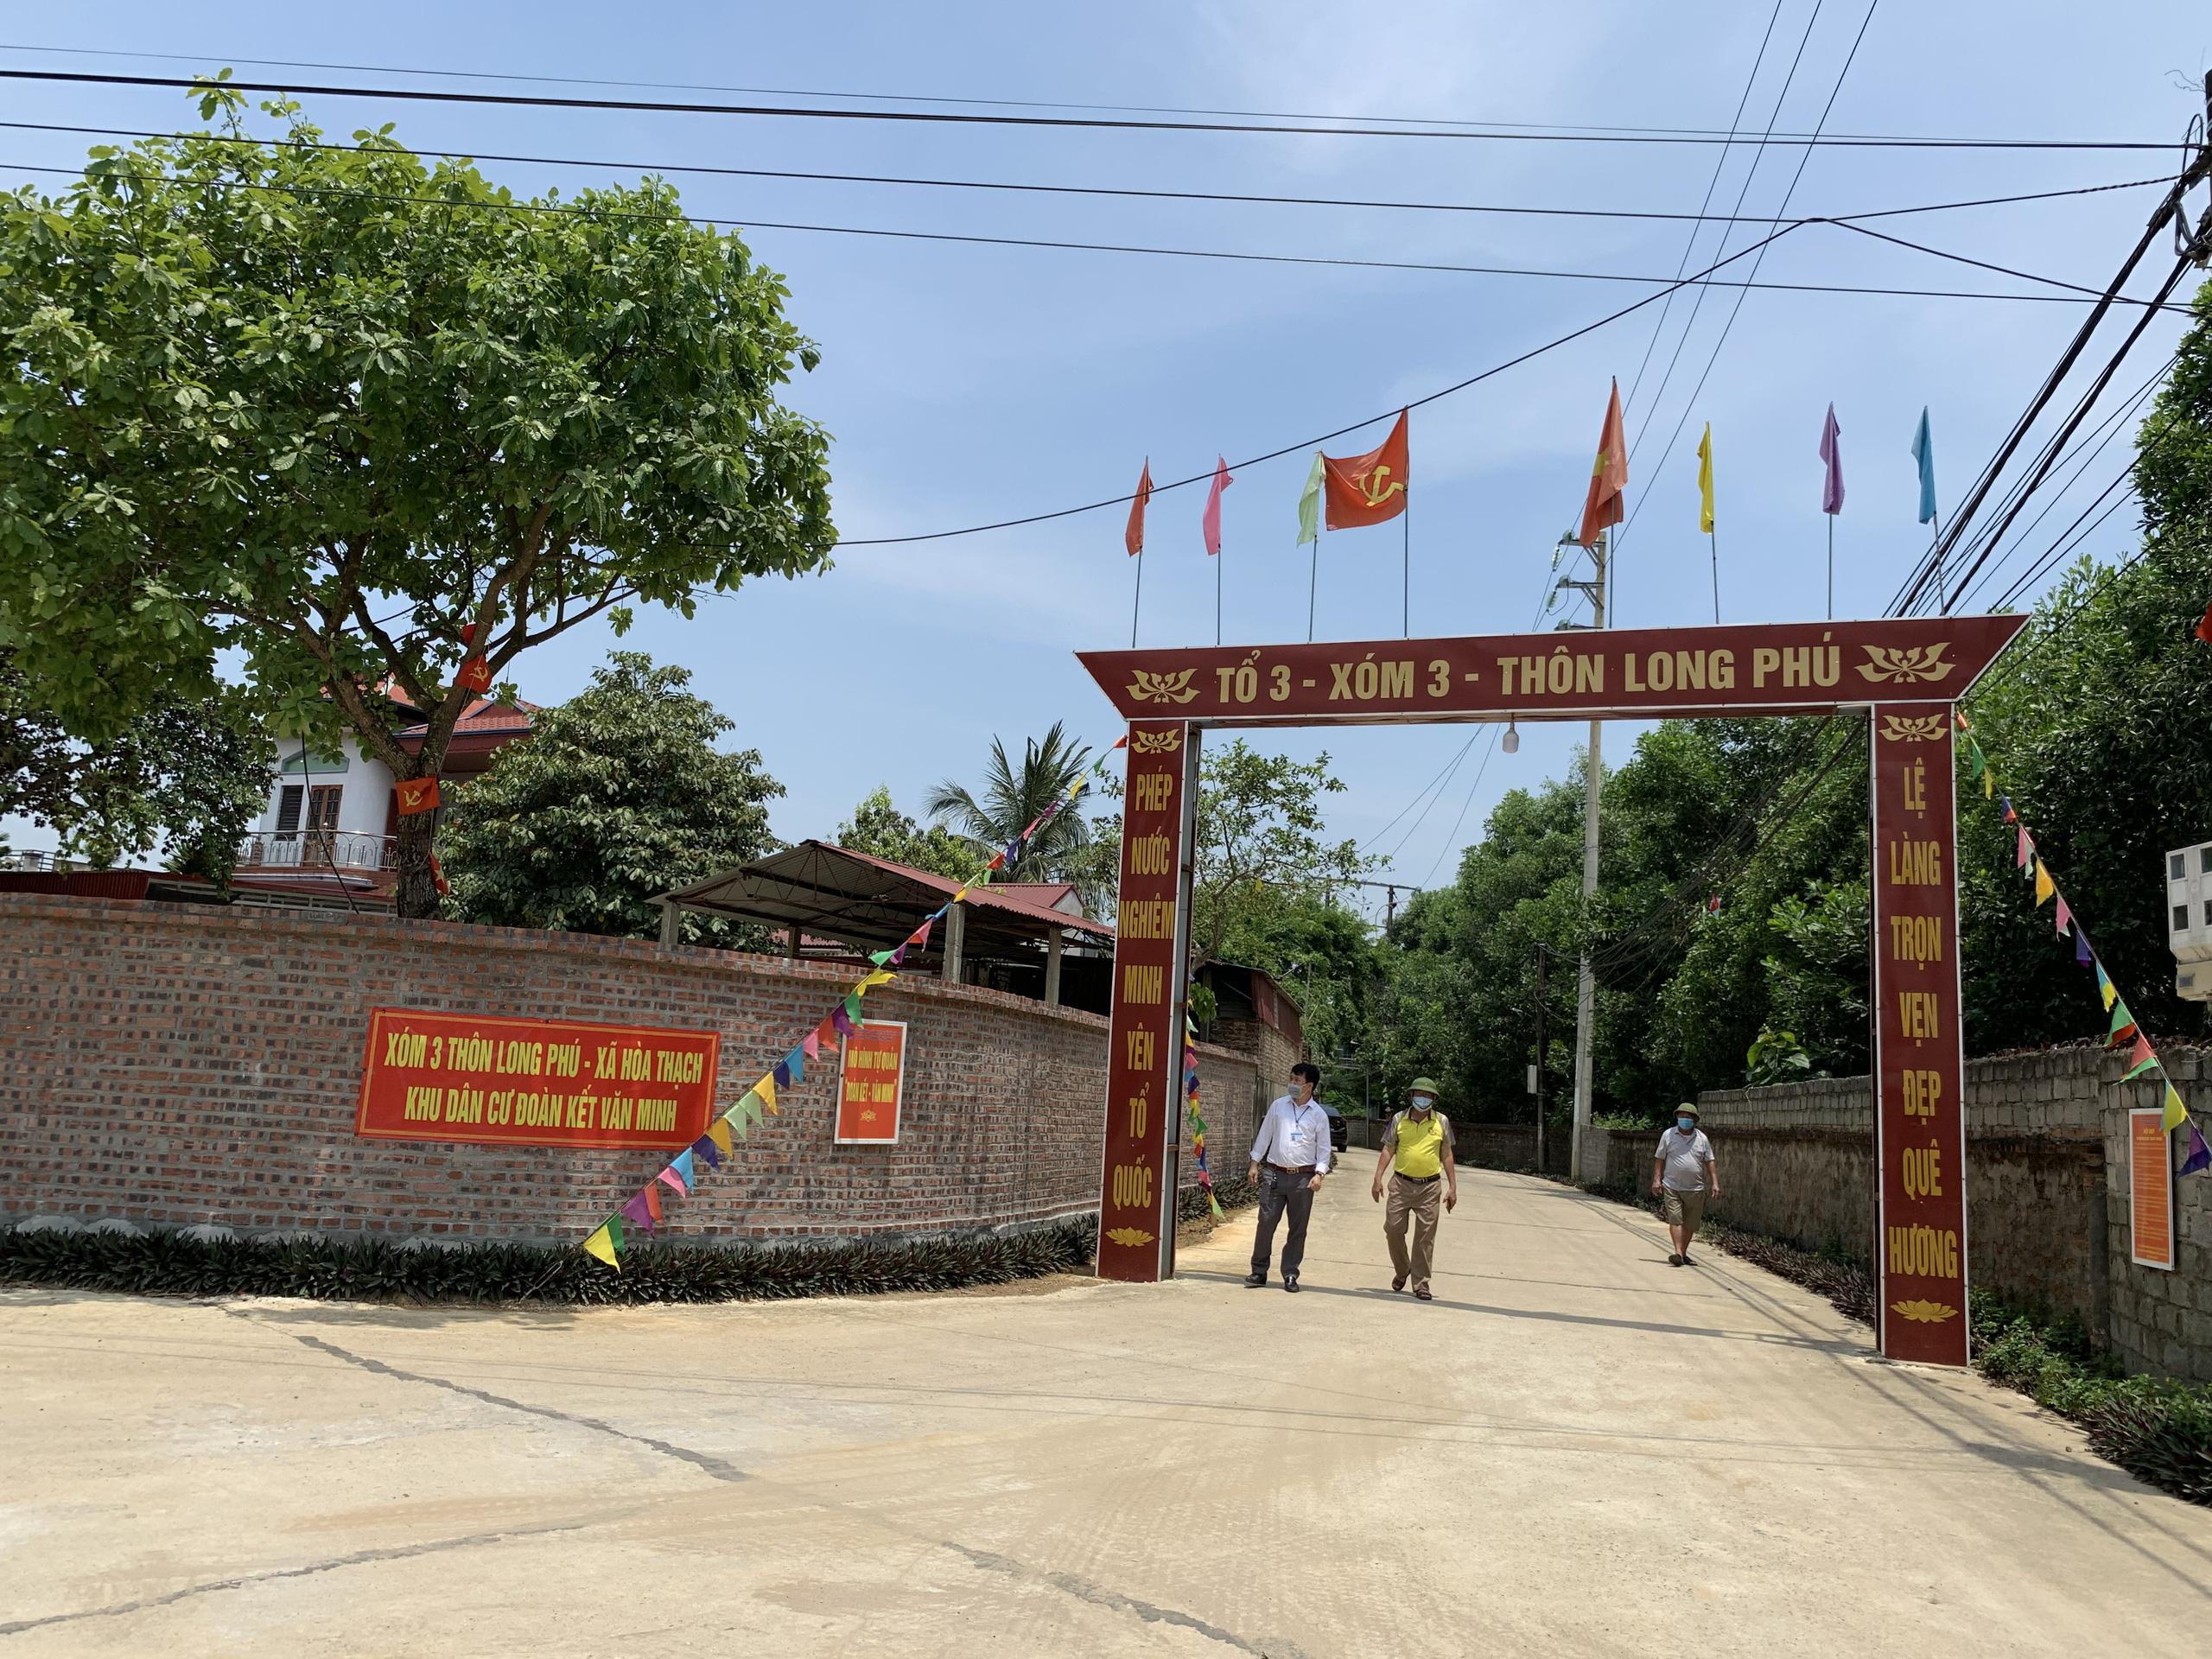 Nhân dân hồ hởi hiến đất làm đường tại Hòa Thạch (Quốc Oai) - Ảnh 3.